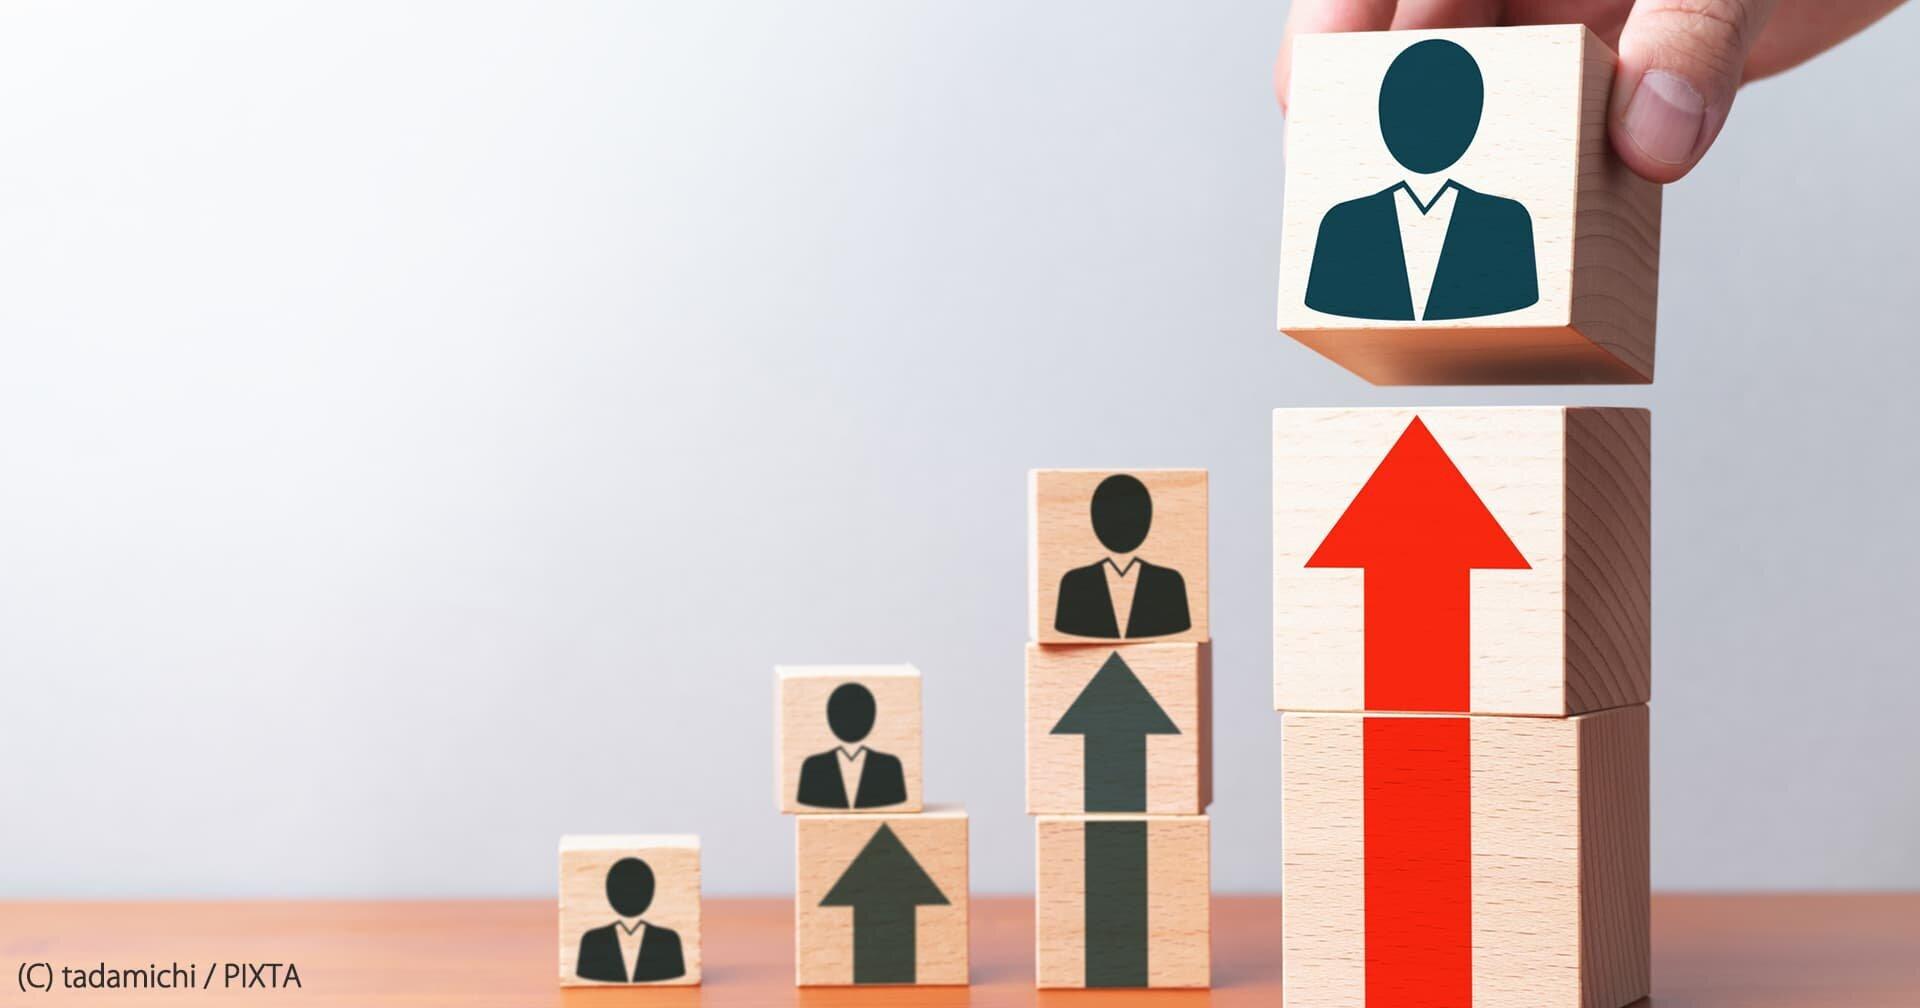 仕事での成長を阻む5つの要因とは?~若手社員へのメッセージ